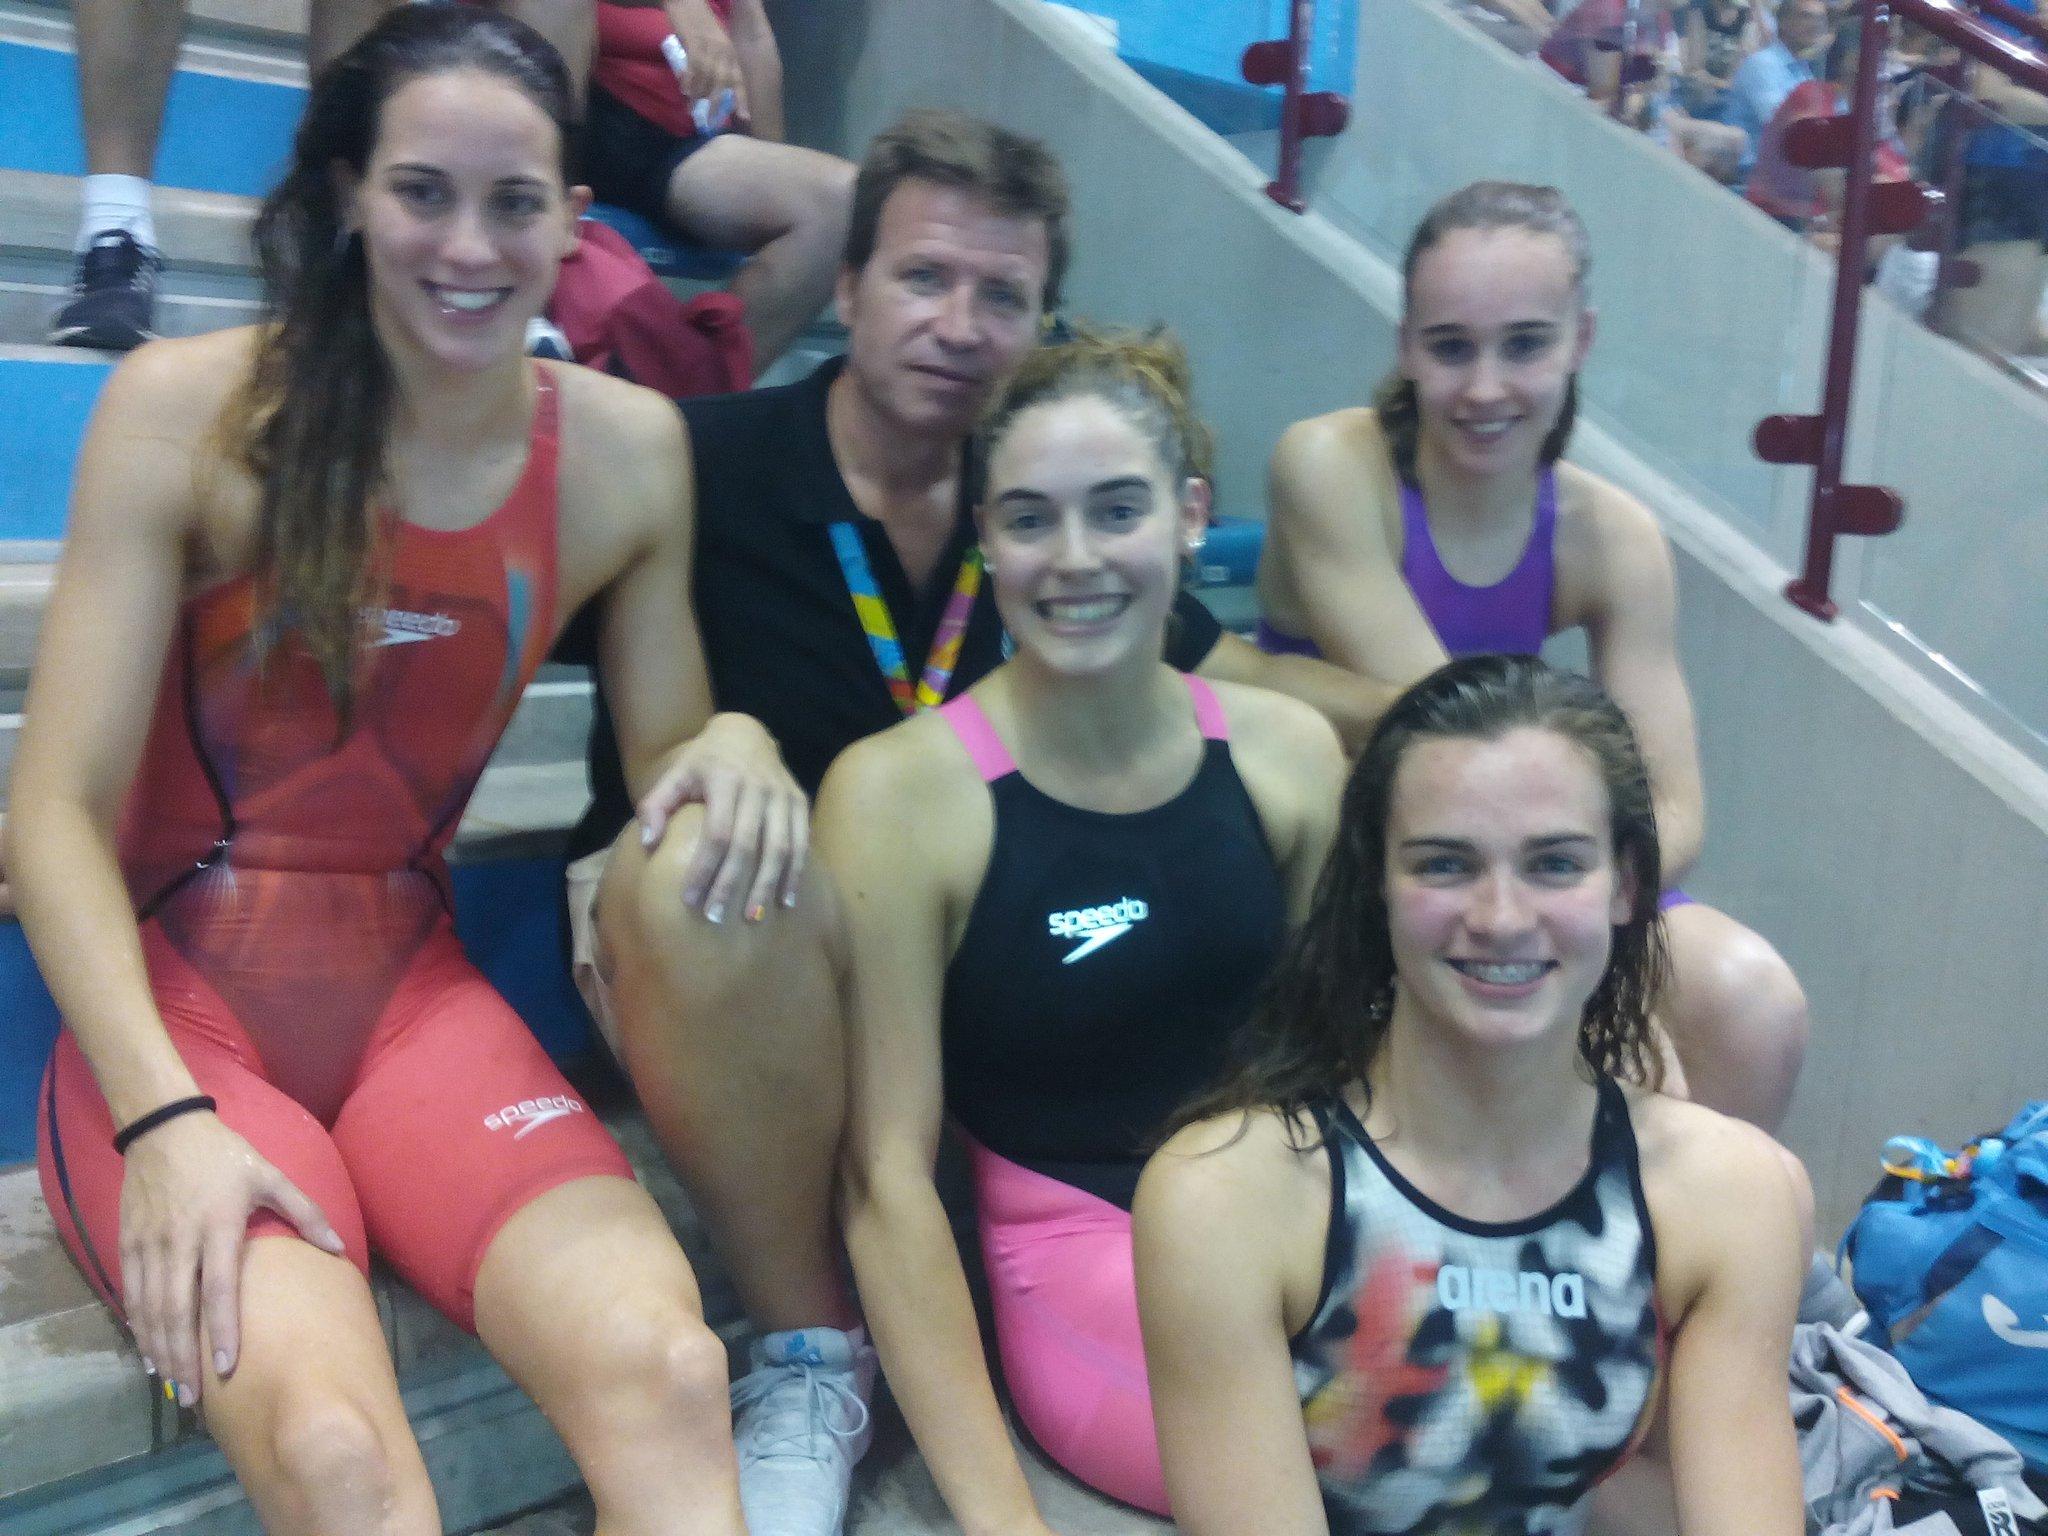 Sisè lloc als relleus 4x100 per a les nedadores andorranes